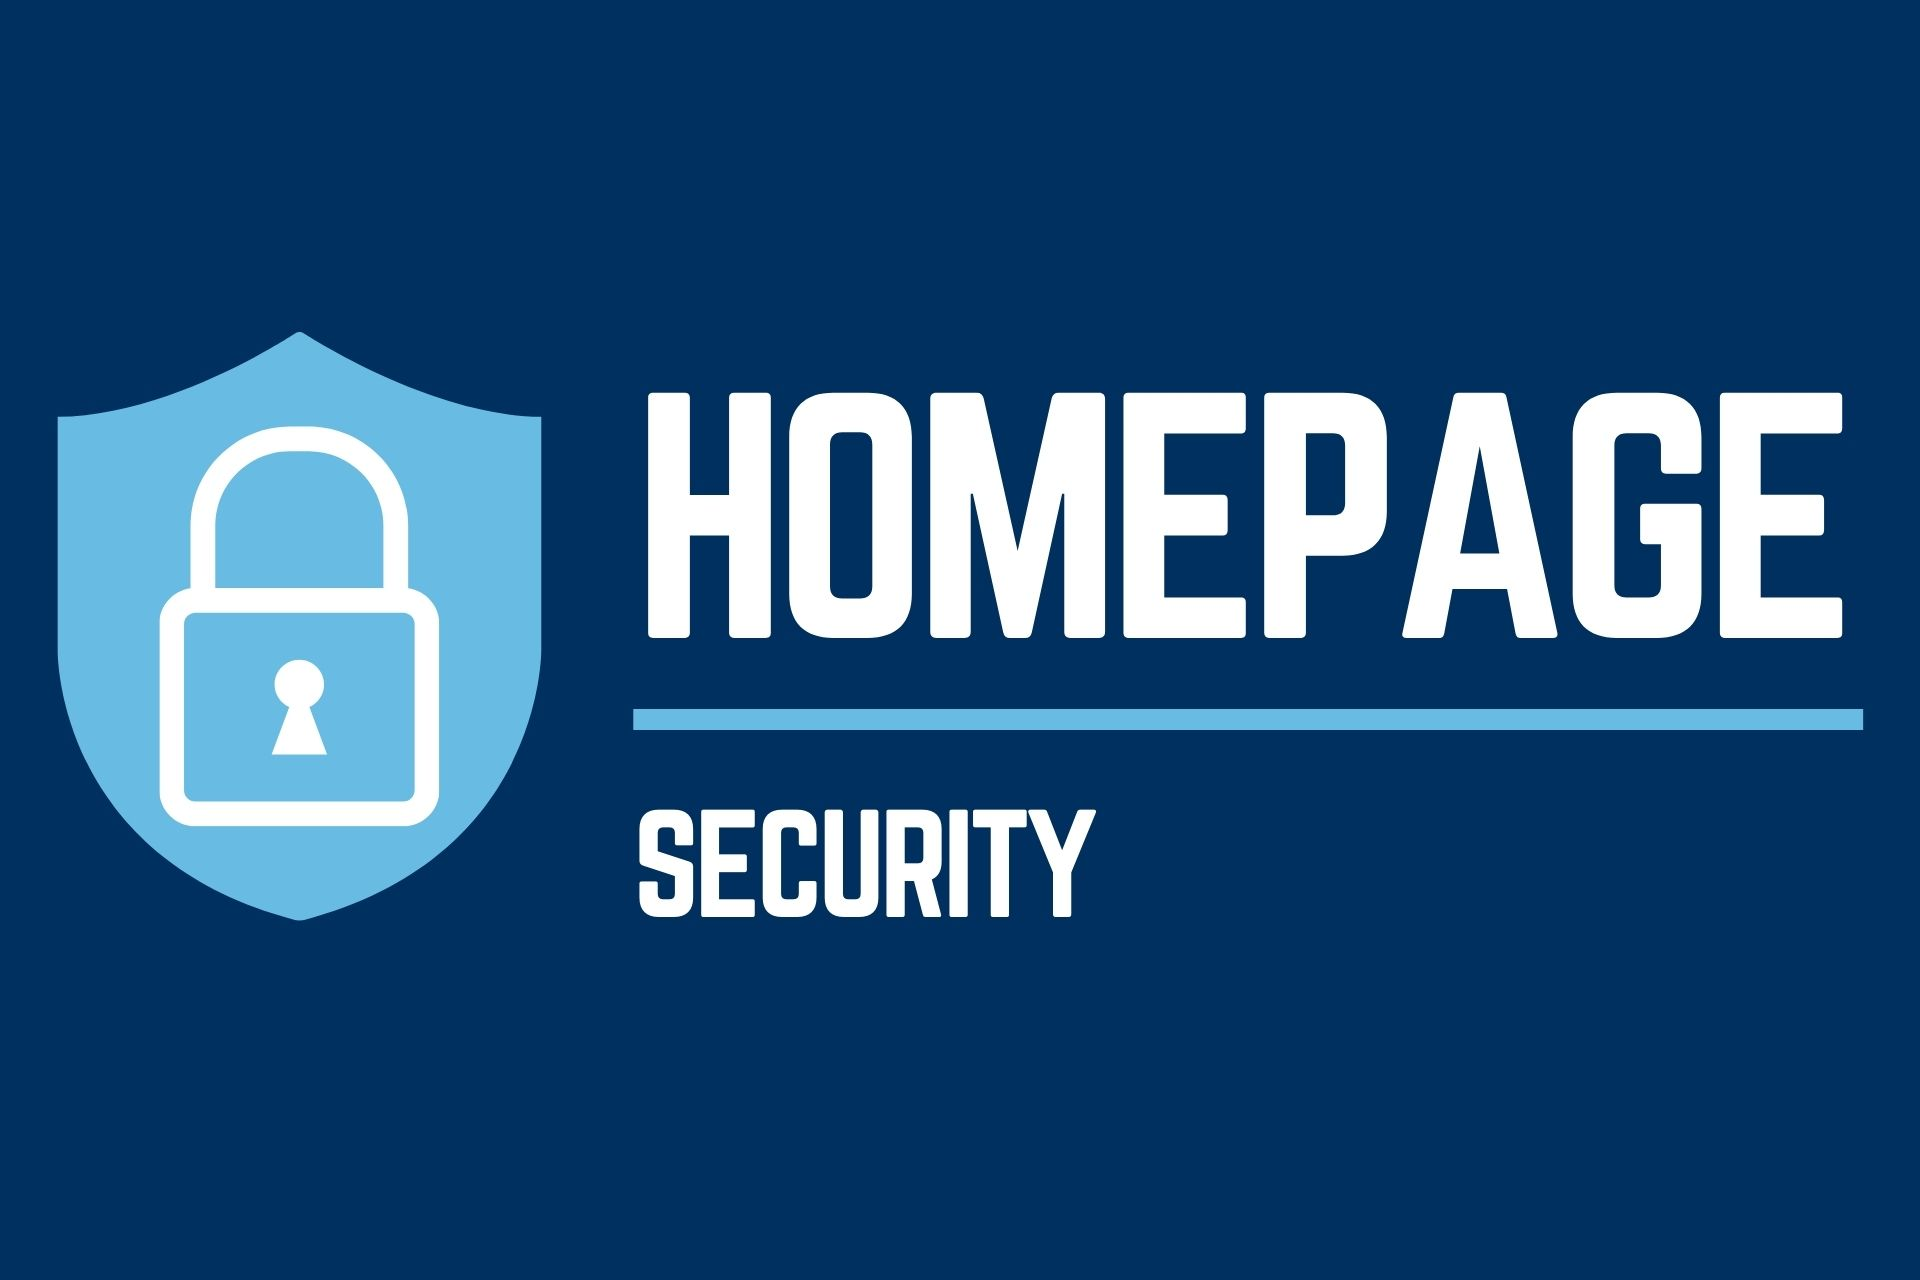 ネイビーの背景に南京錠のイラストとホームページセキュリティの英単語